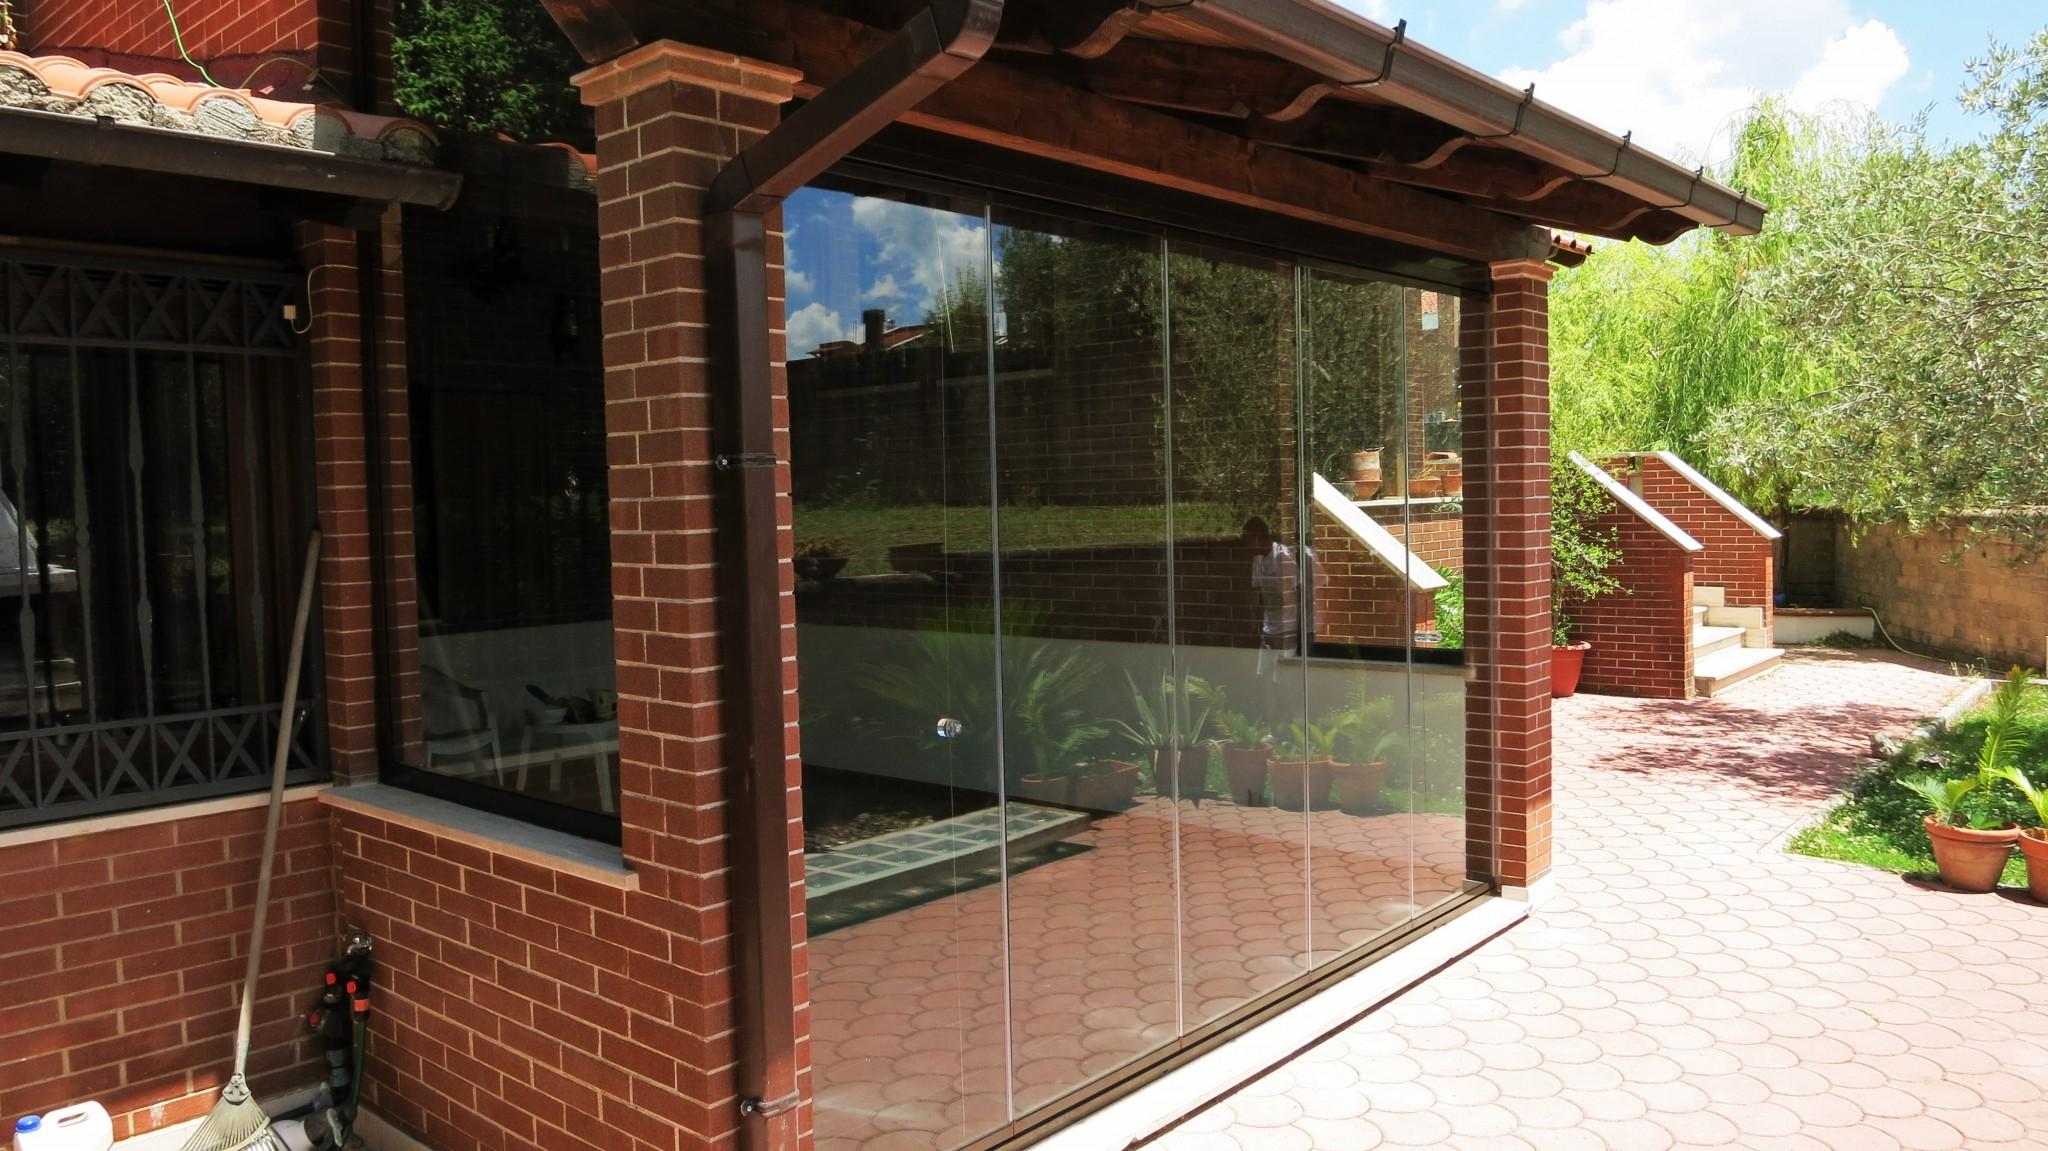 Vetrata pieghevole chiusa uscita patio - Roma - VetroeXpert - Vetrate Pieghevoli e vetrate a scomparsa Glassroom